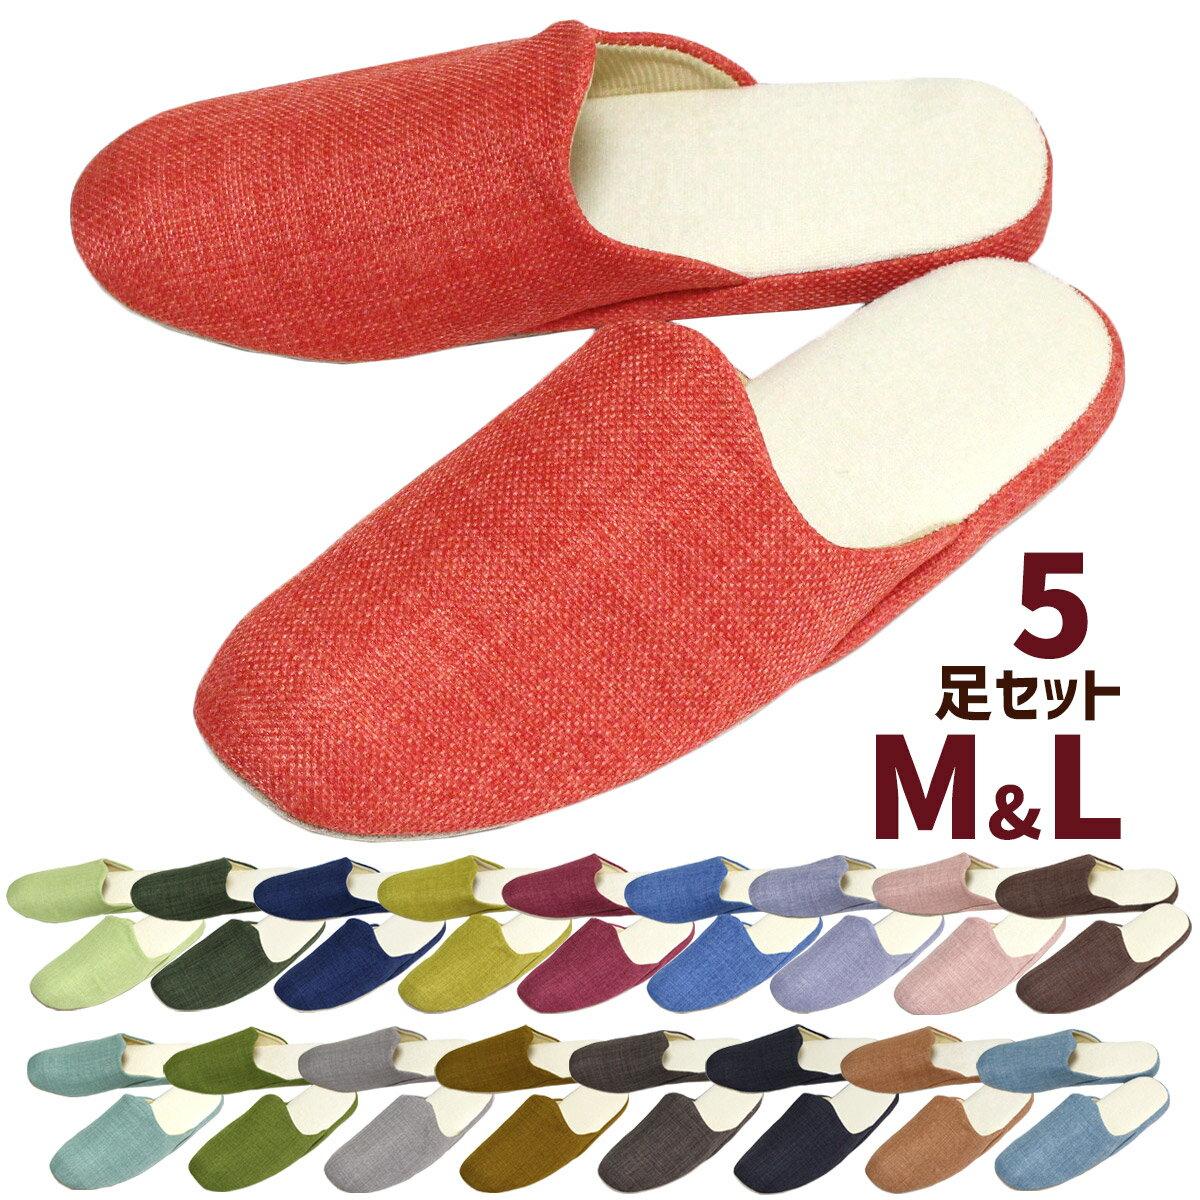 スリッパ 5足セット グレイズ M&Lサイズ ソフトタイプ かわいい 楽 おしゃれ 洗える 来客用【送料無料】